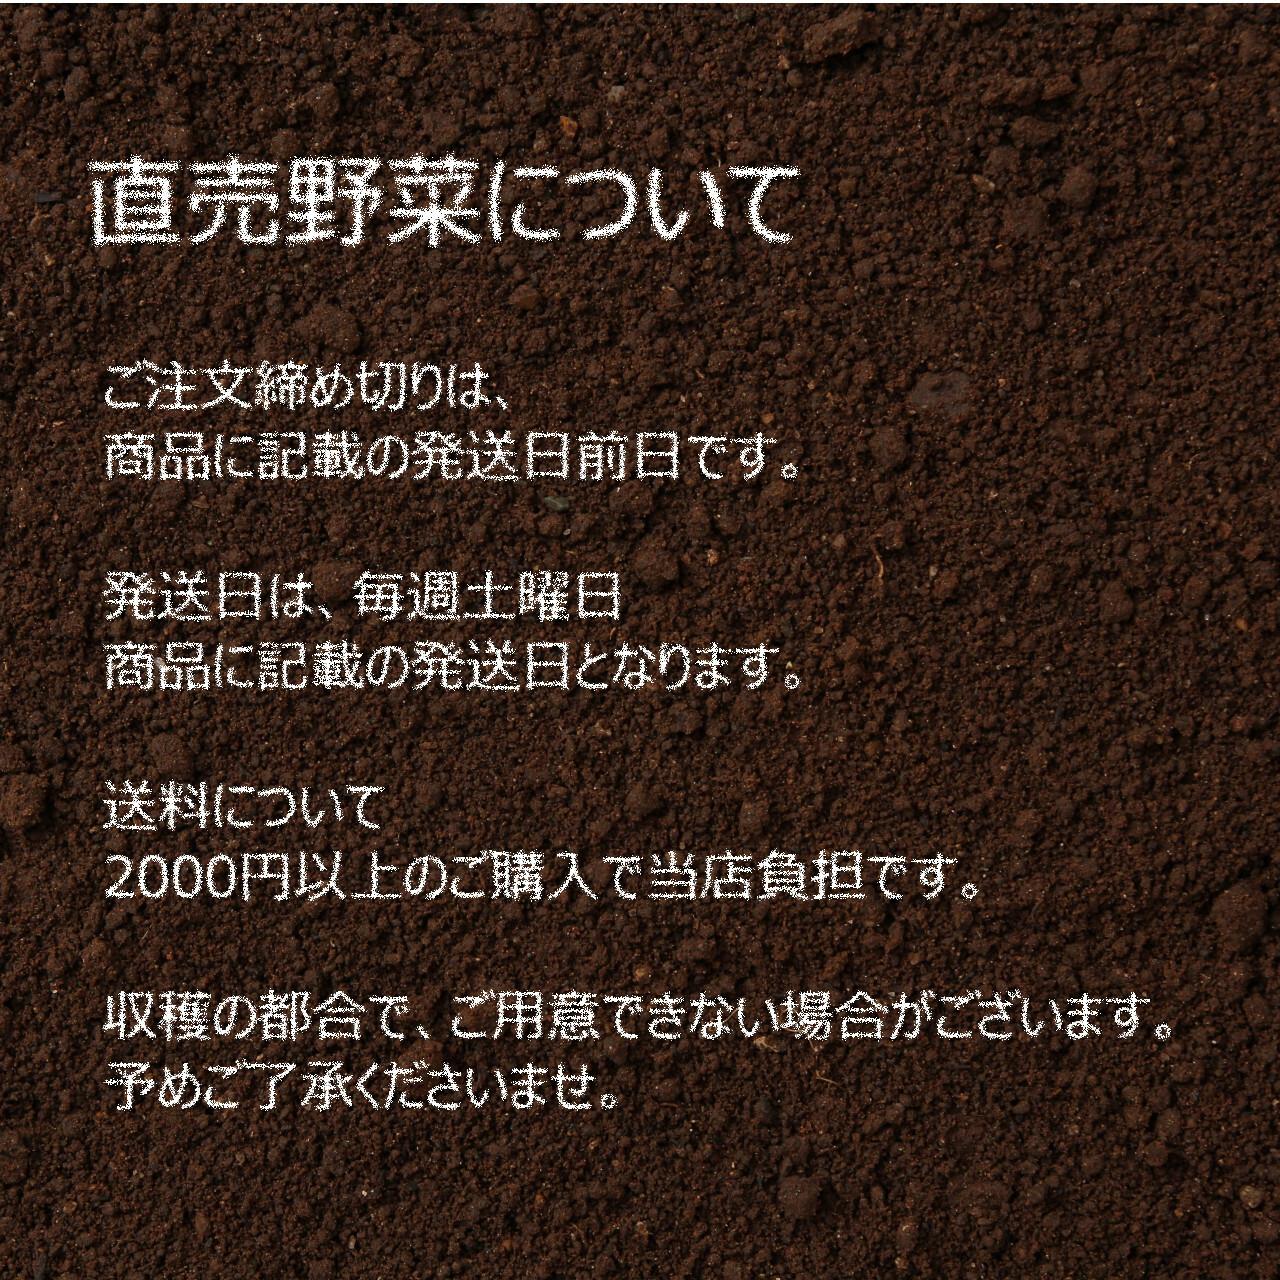 新鮮な秋野菜 : ネギ 3~4本 9月の朝採り直売野菜 9月12日発送予定